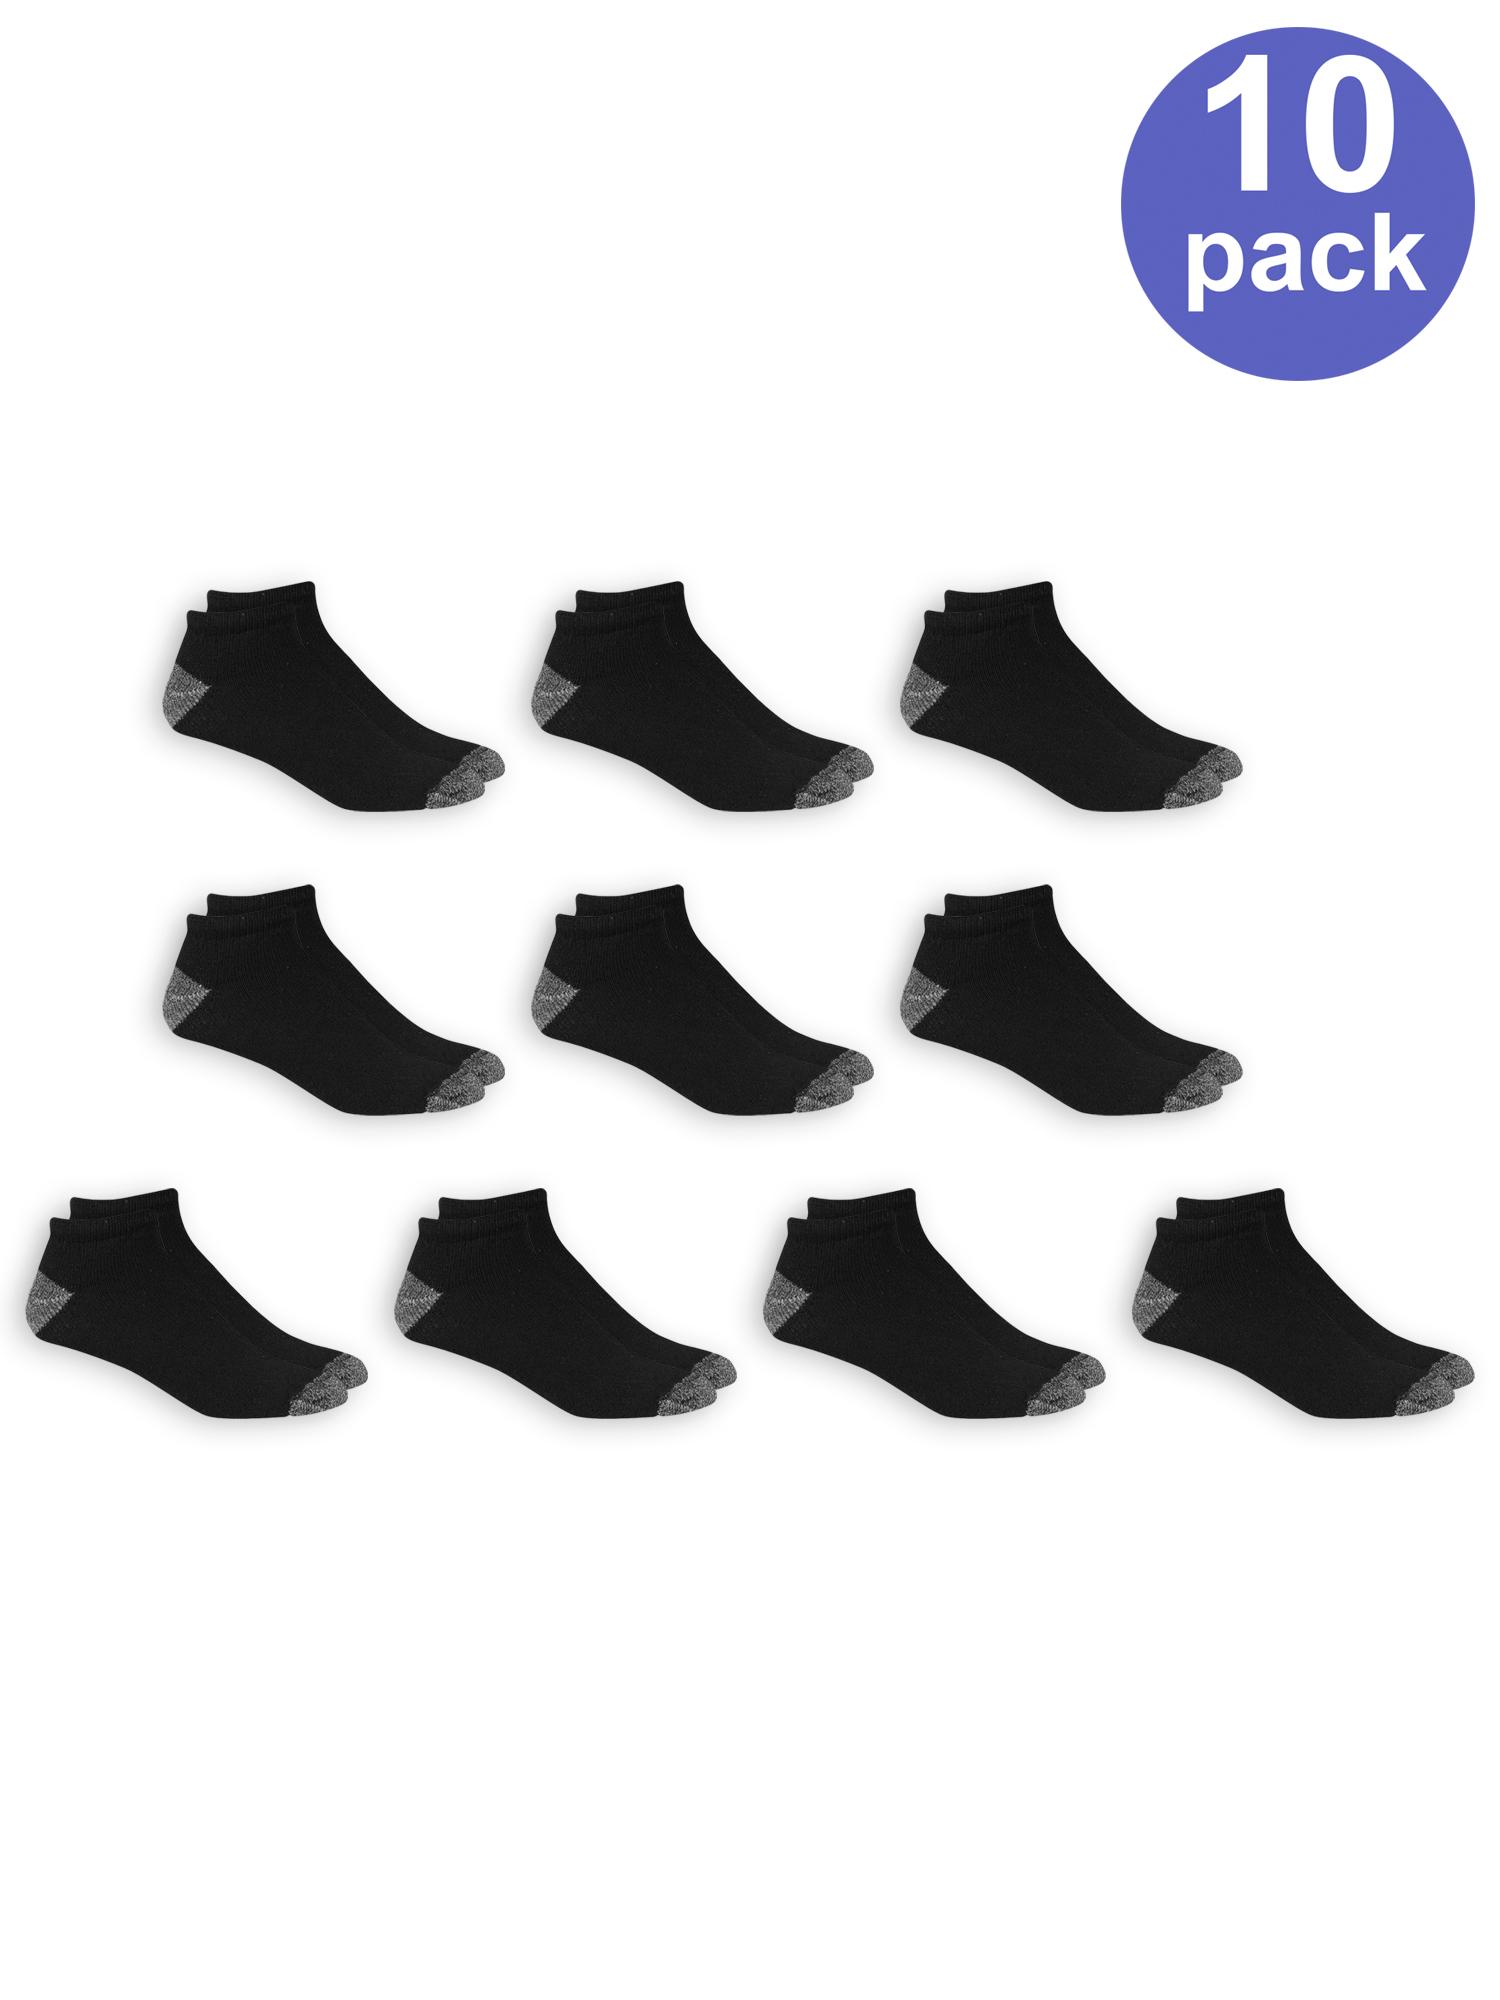 Men's Low Cut Socks 10 Pack